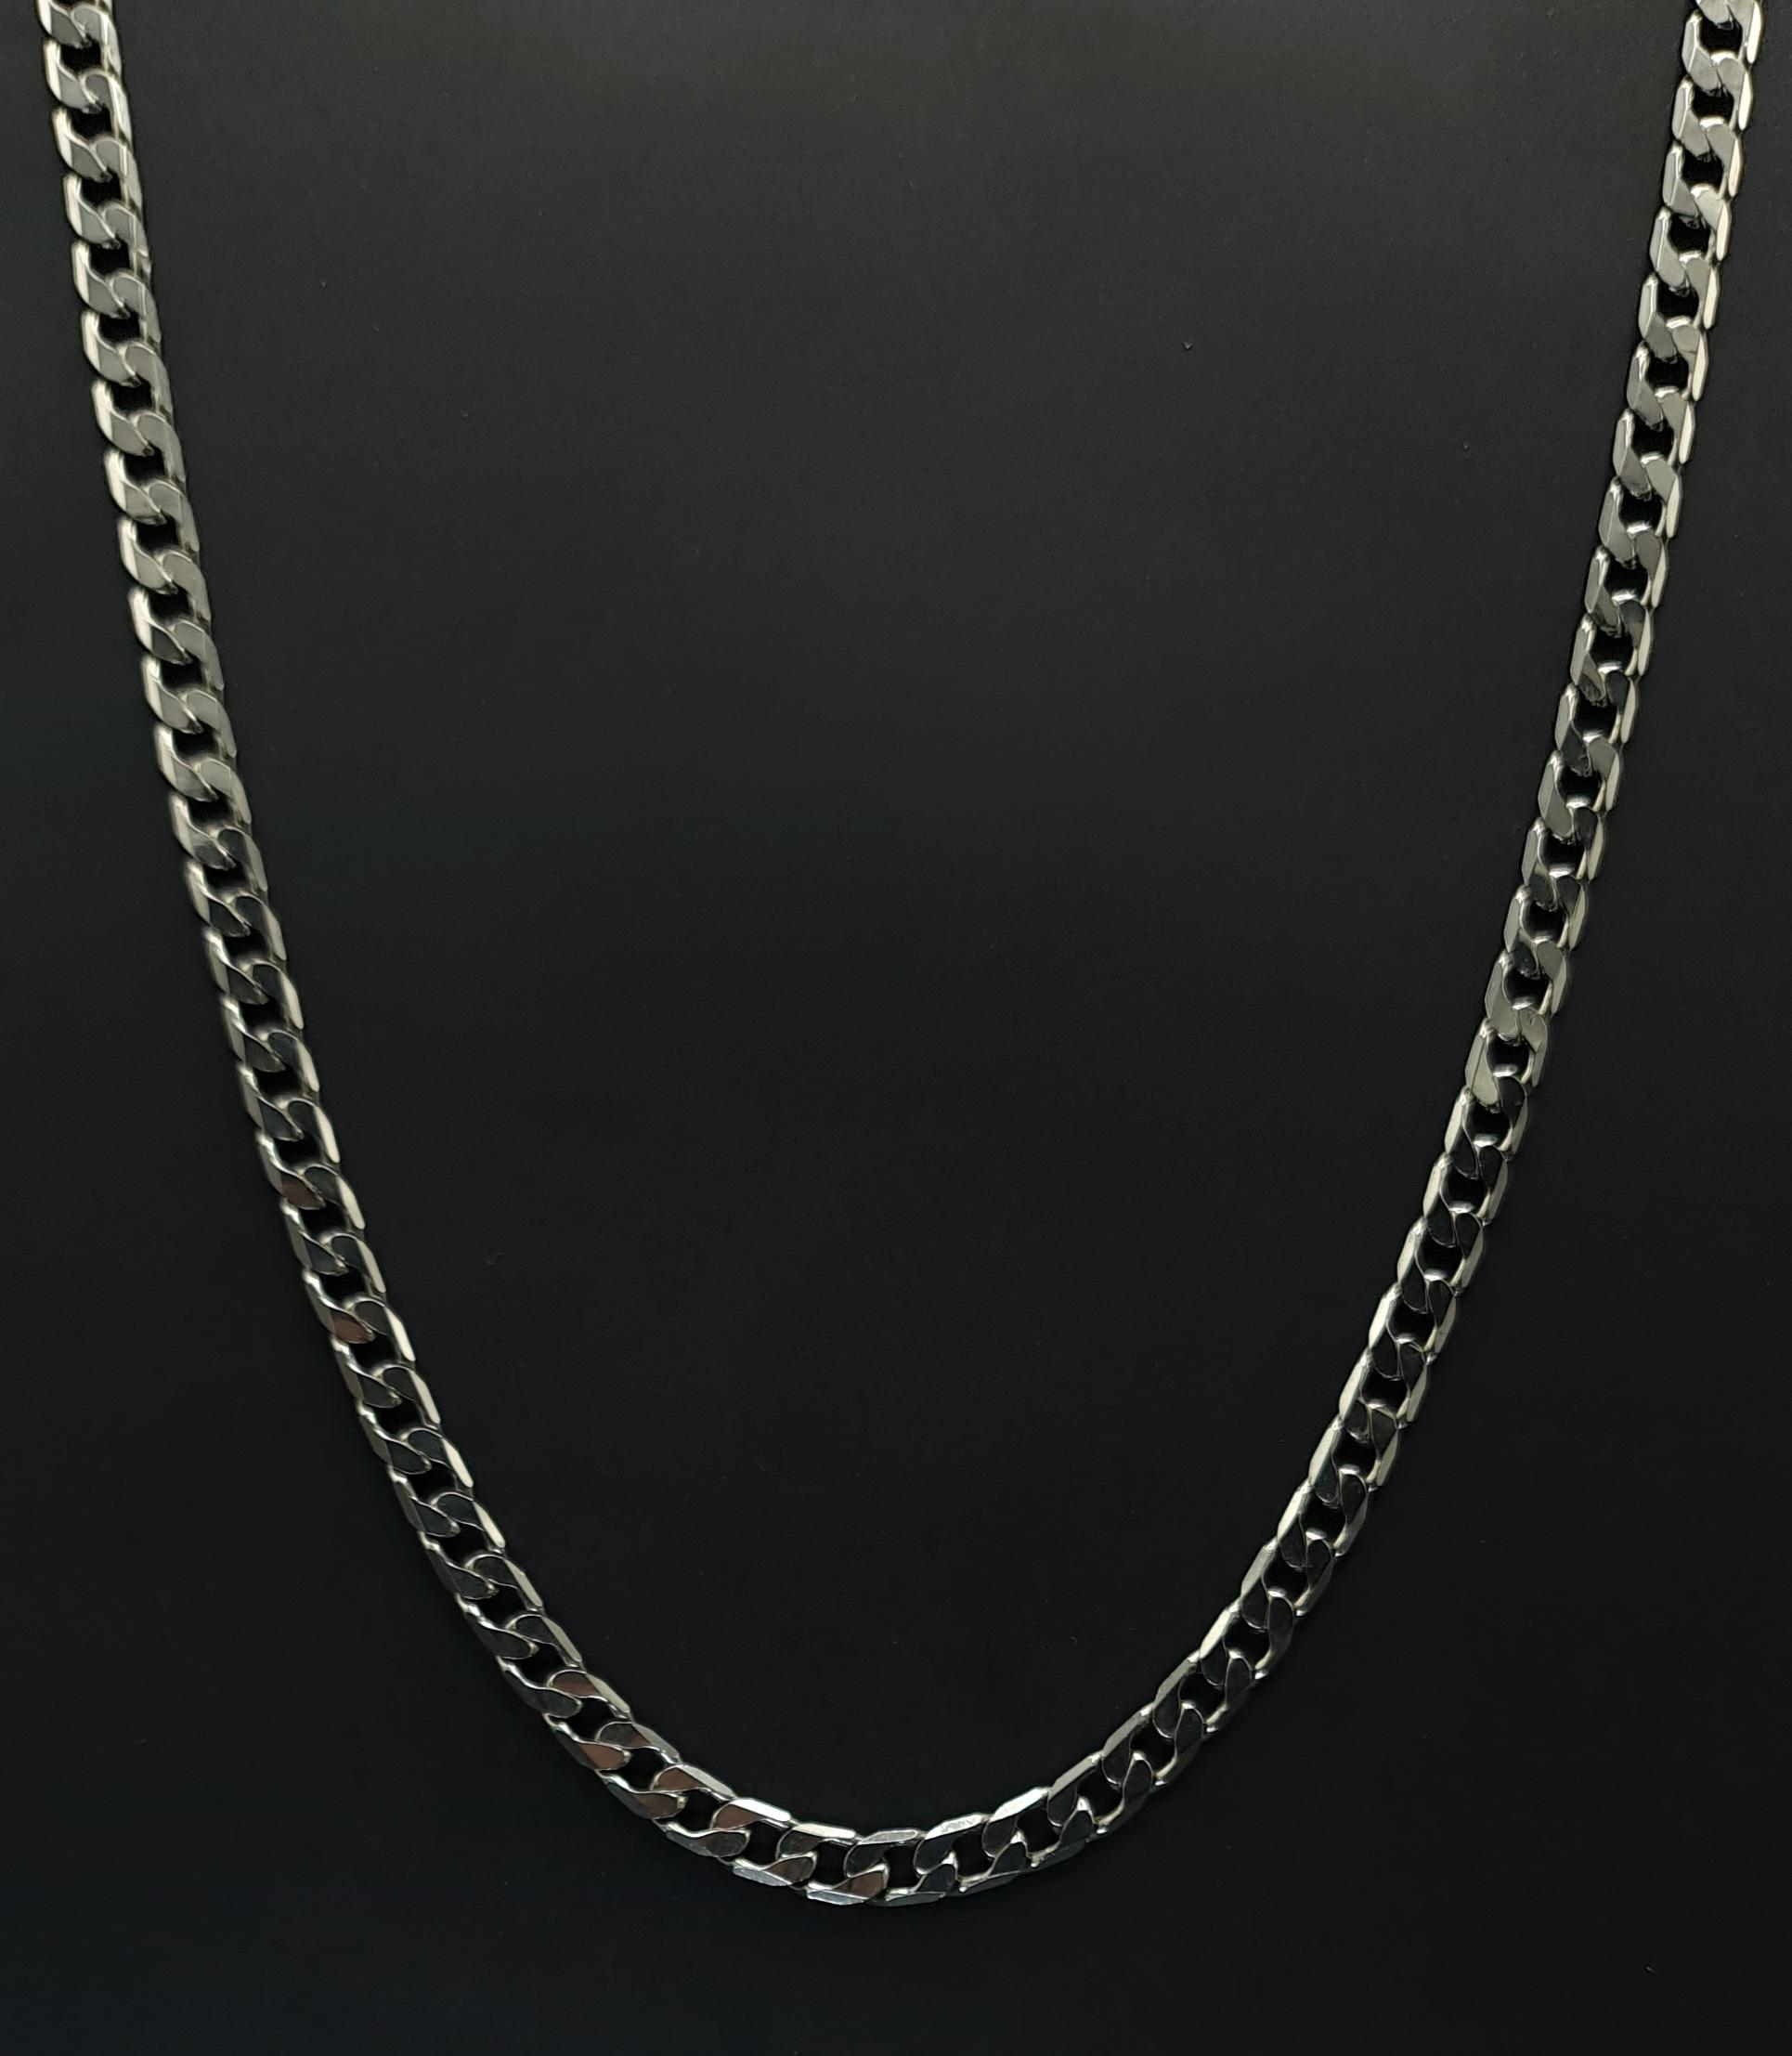 zilveren ketting heren 925 zilver halsketting platte schakel massief zilver ketting sterling zilver silver necklace skoander.com